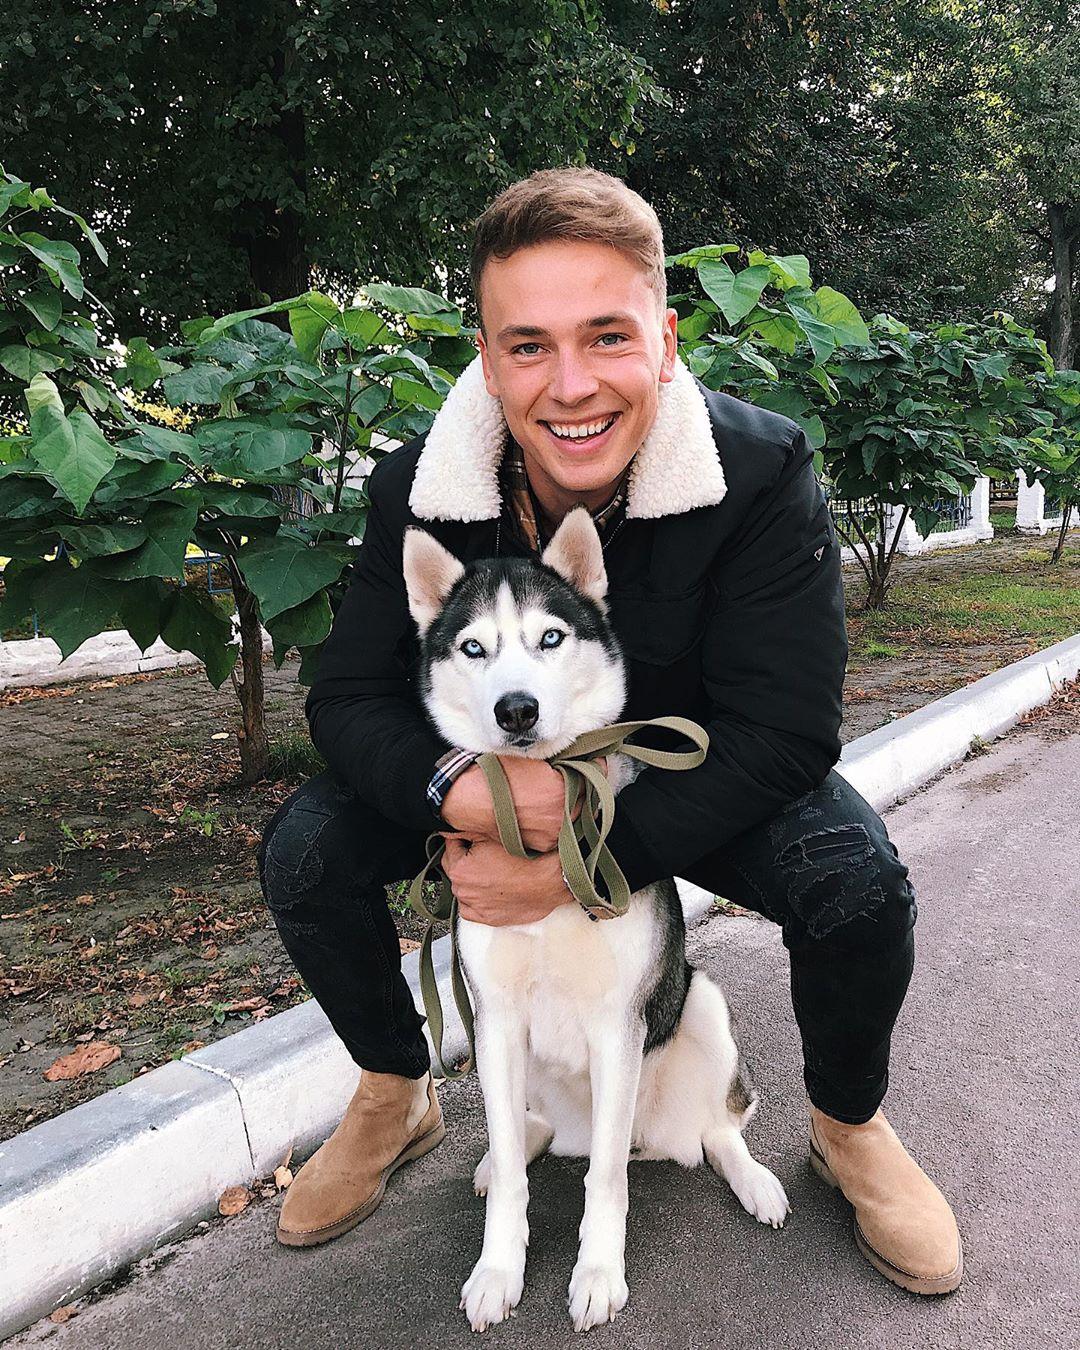 Man's Blogs: 5 страничек украинских мужчин, на которых стоит подписаться-Фото 1